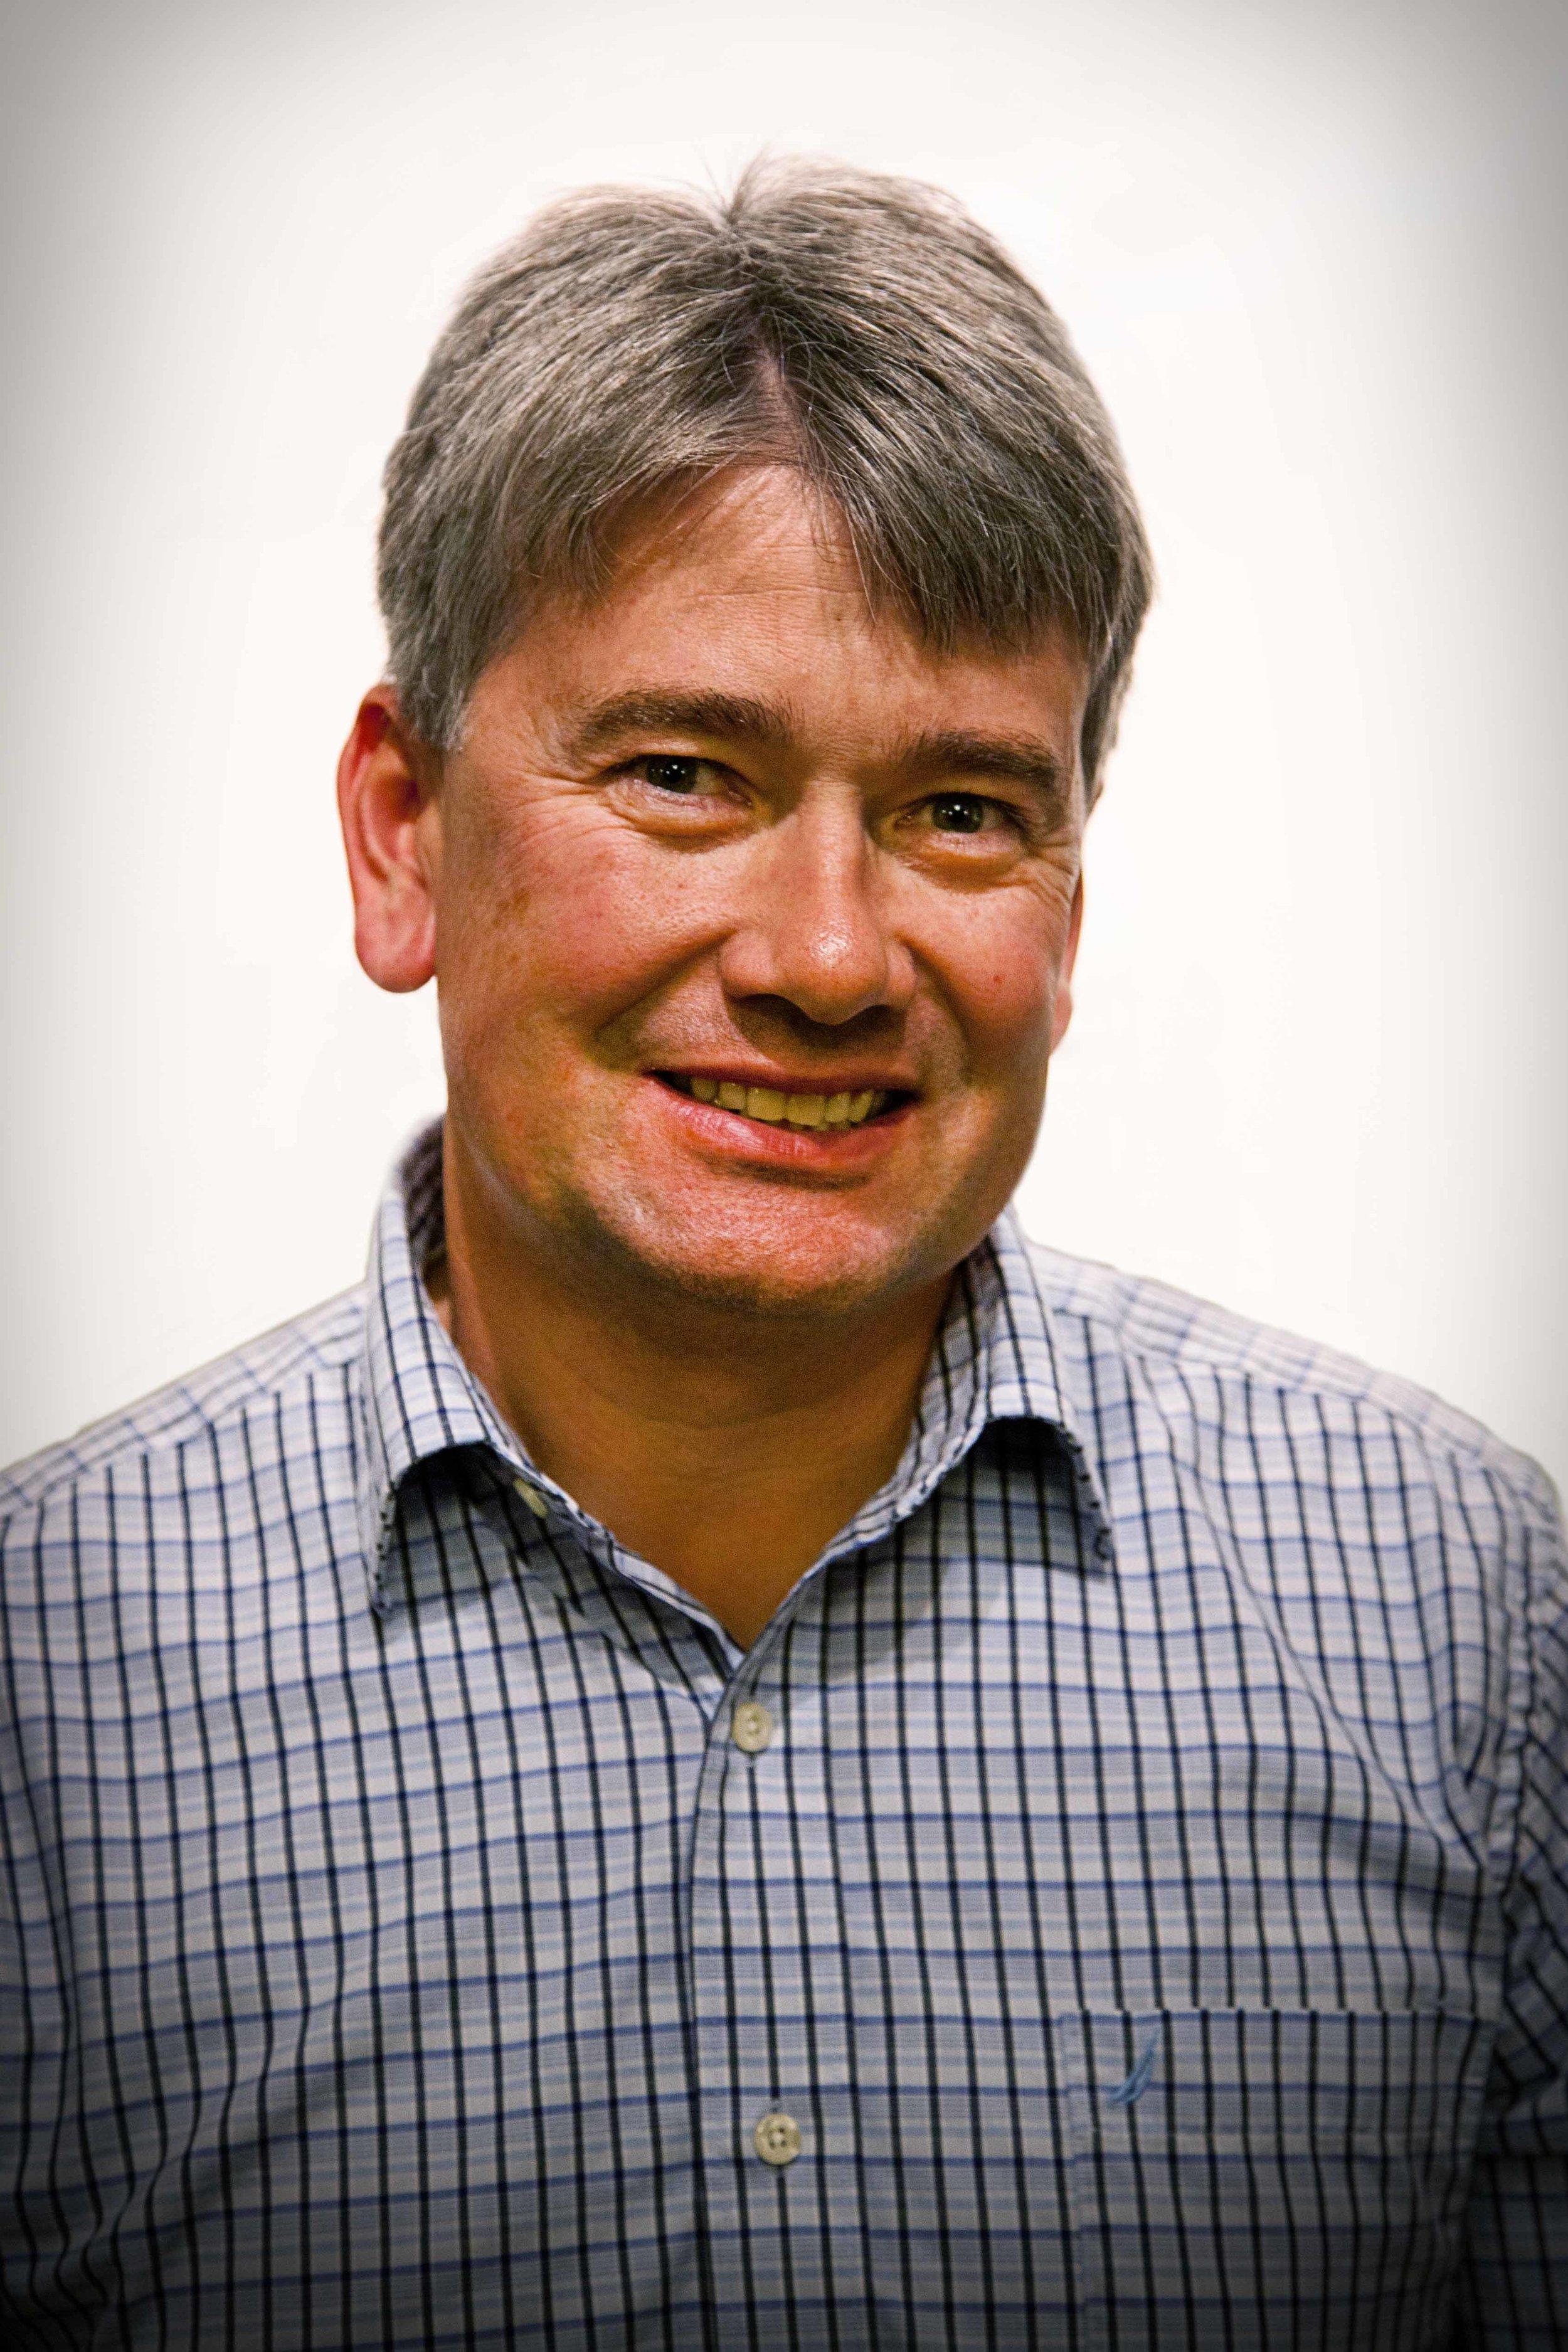 Scott Carpenter '91